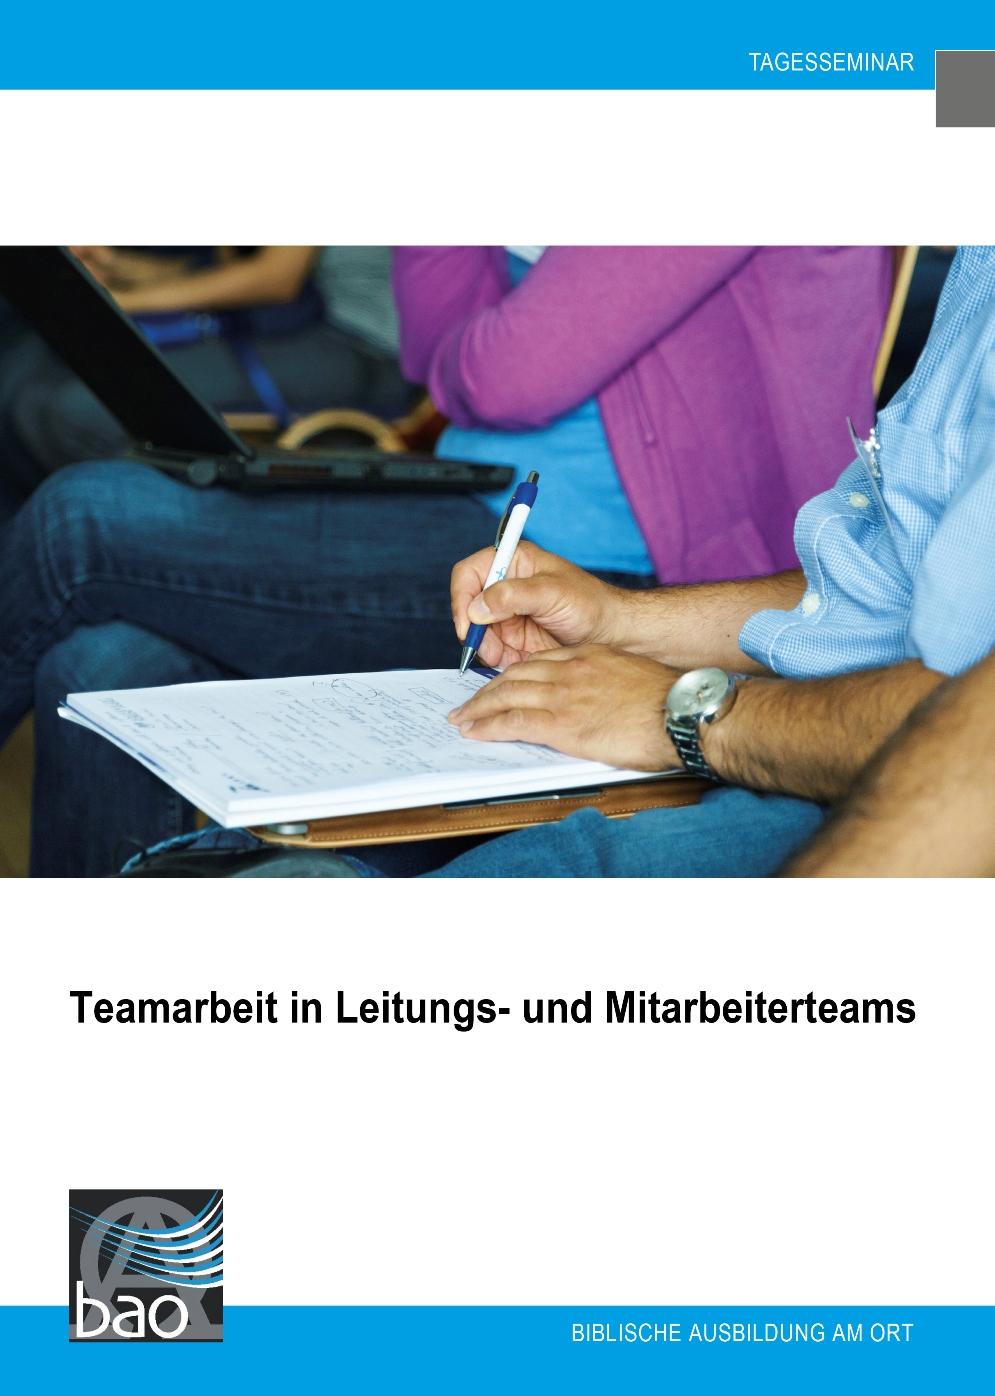 Teamarbeit in Leitungs- oder Mitarbeiterteams Image